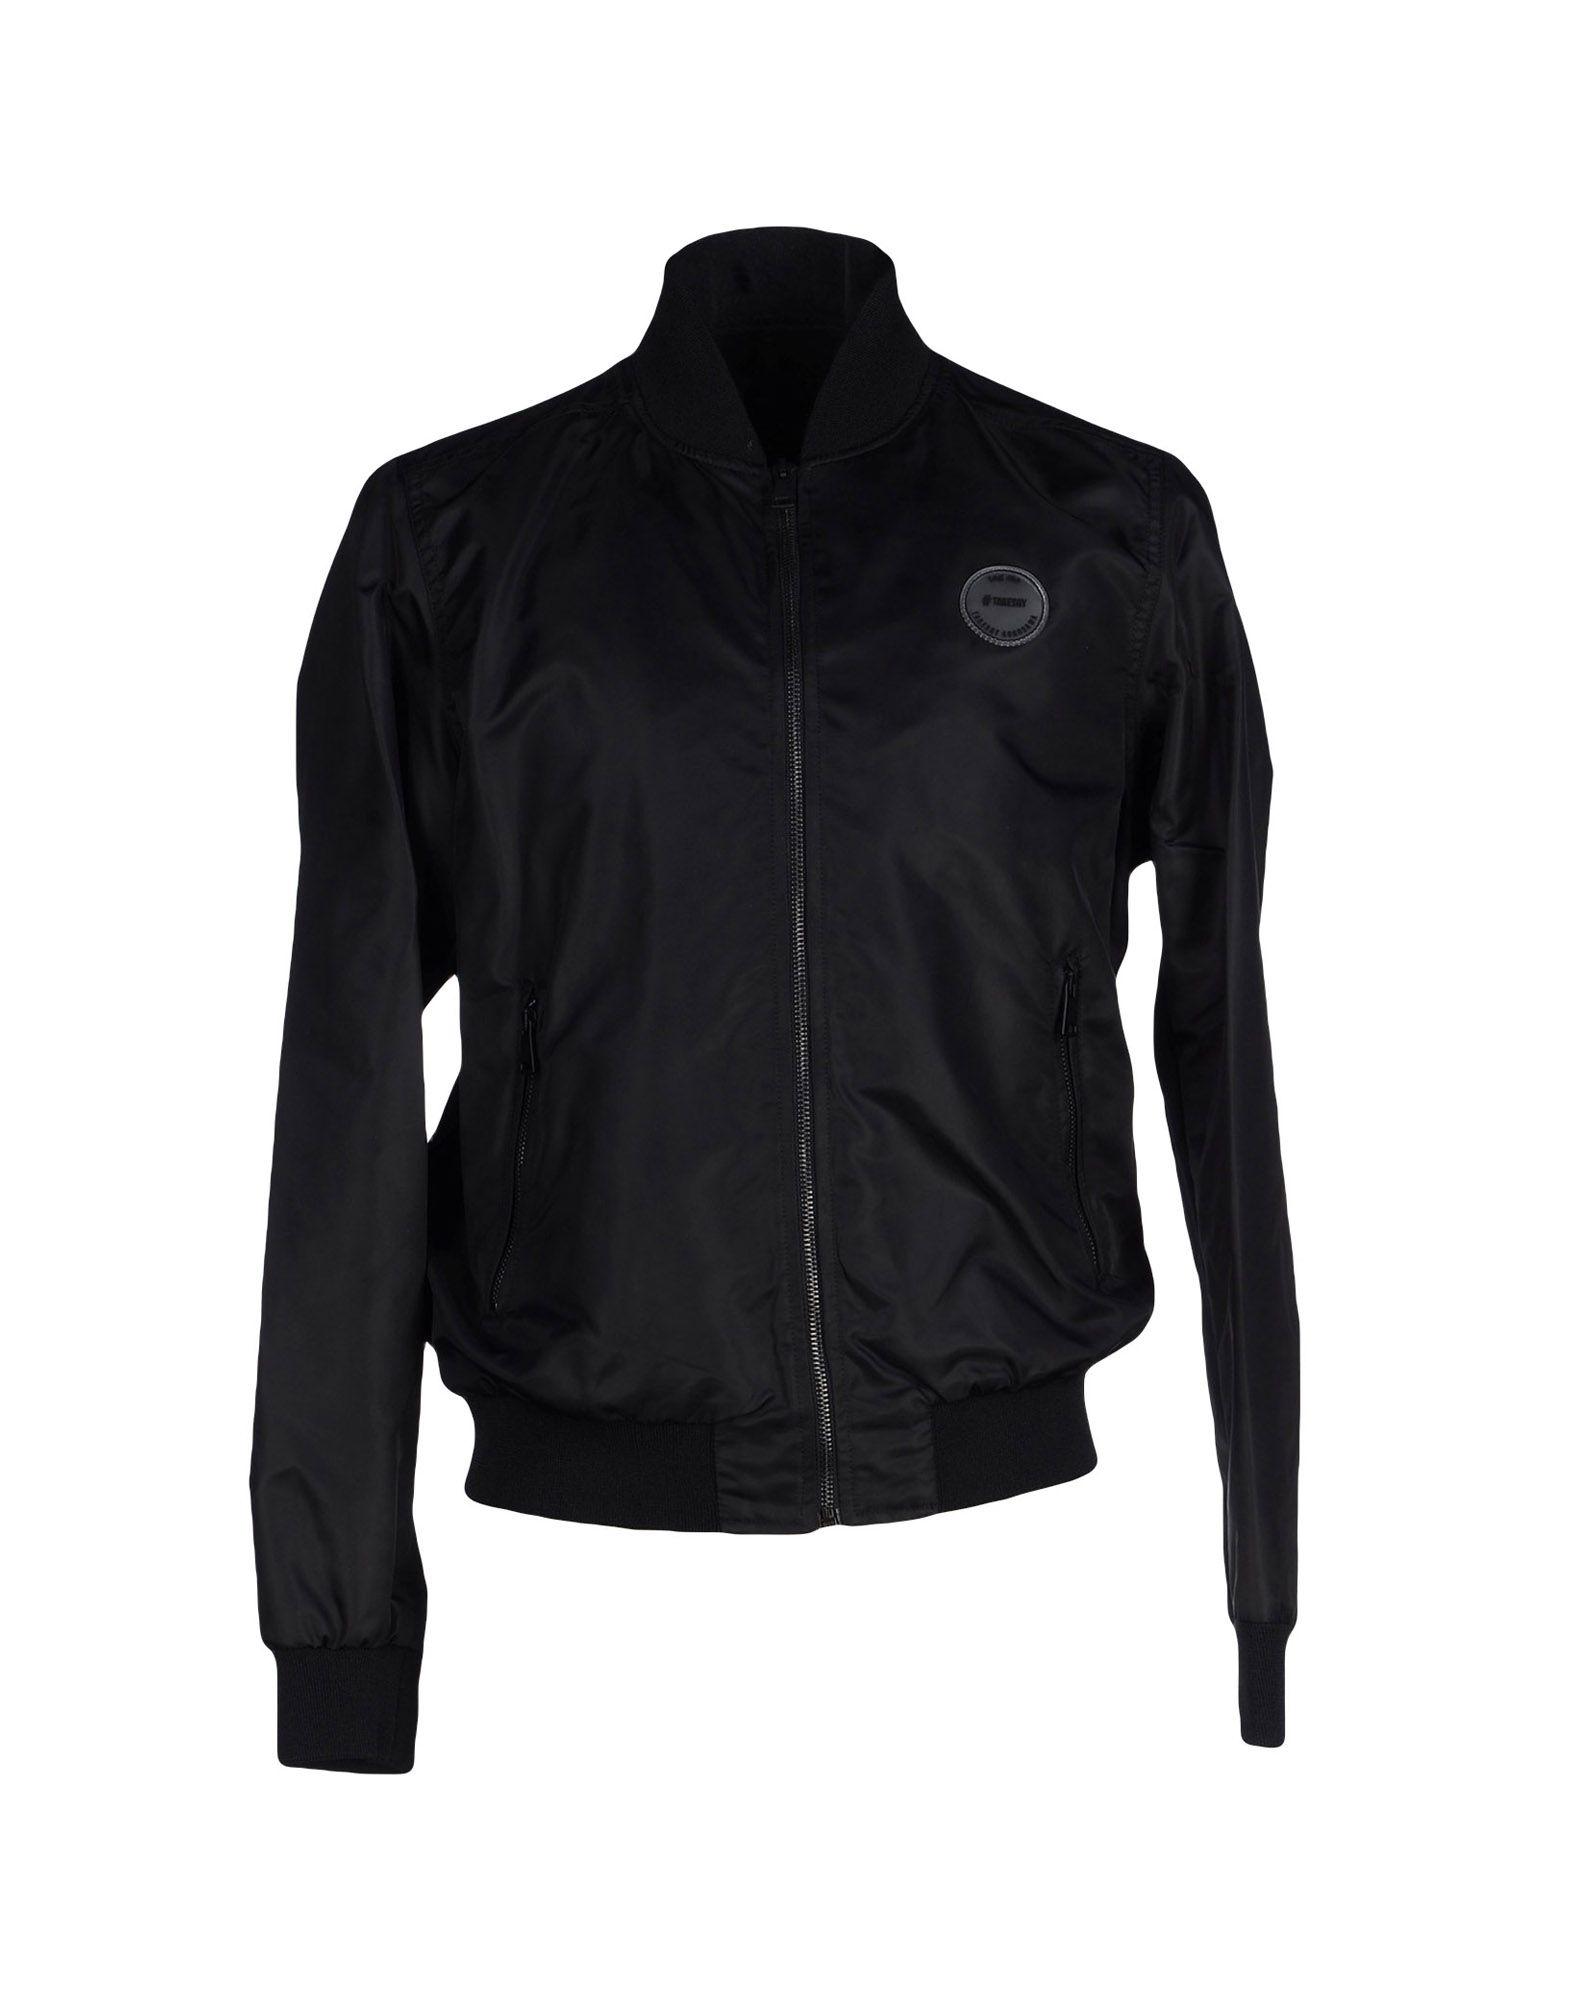 Takeshy kurosawa Jacket in Black for Men | Lyst